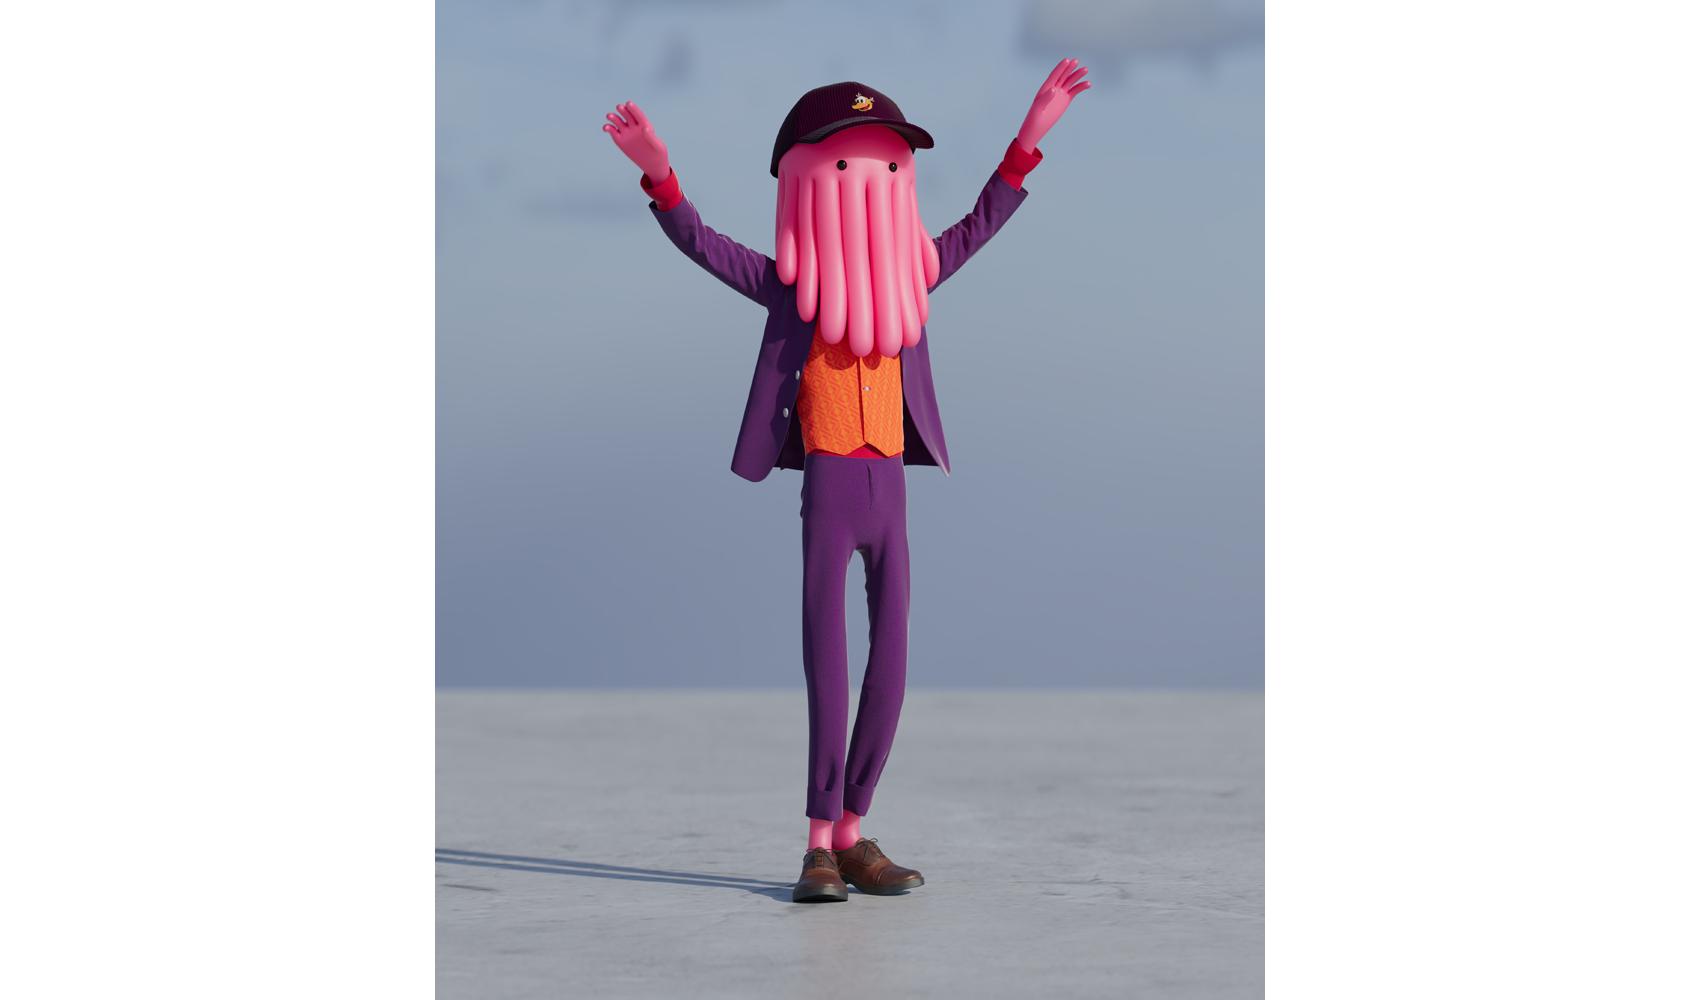 ディズニー・ピクサーを目標に、SMAをもつ22歳・3Dアーティストが目指すネクストステージのタイトルイメージ